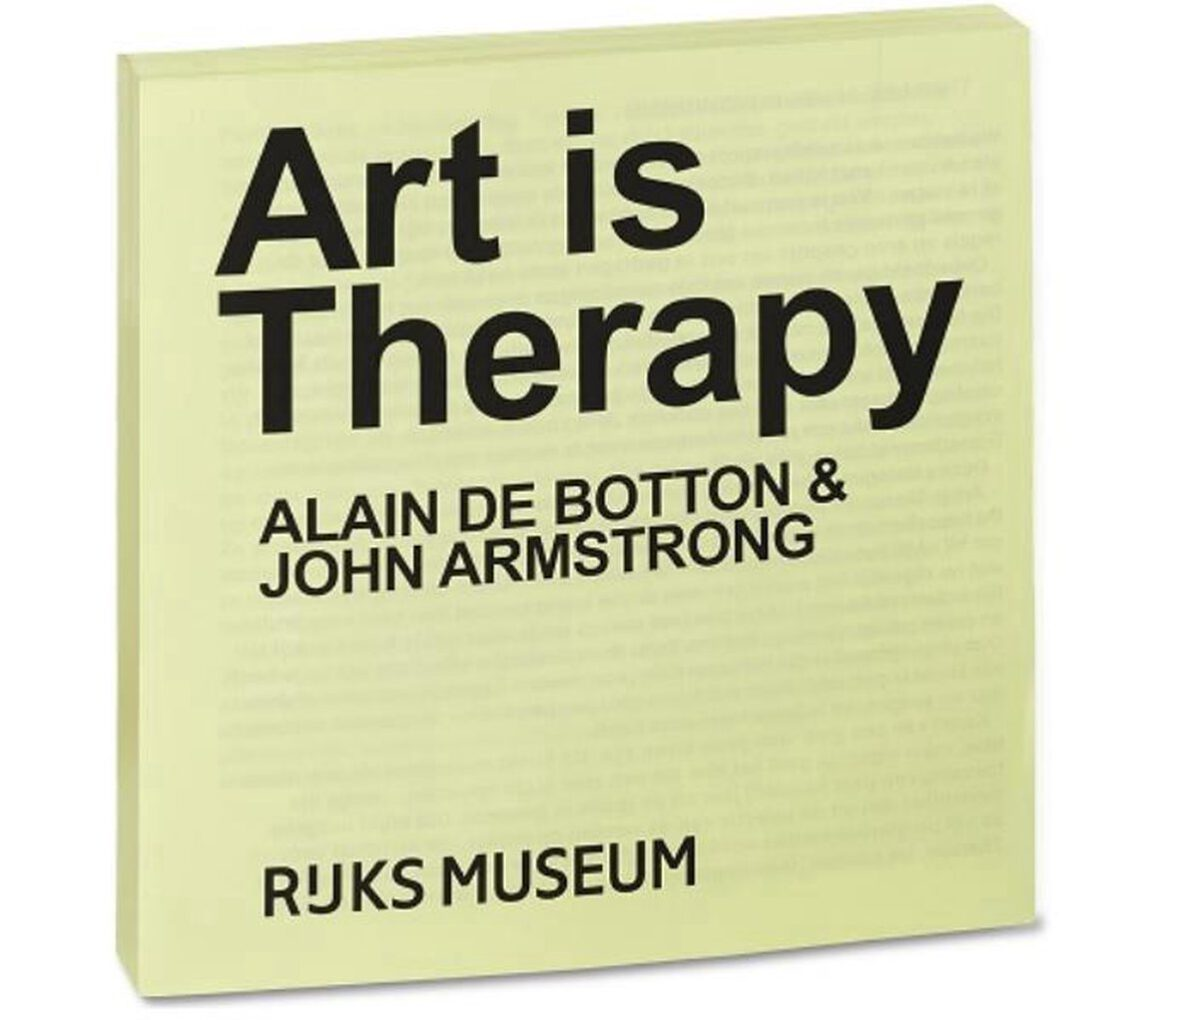 Alain de Botton & John Armstrong – Art is Therapy preview